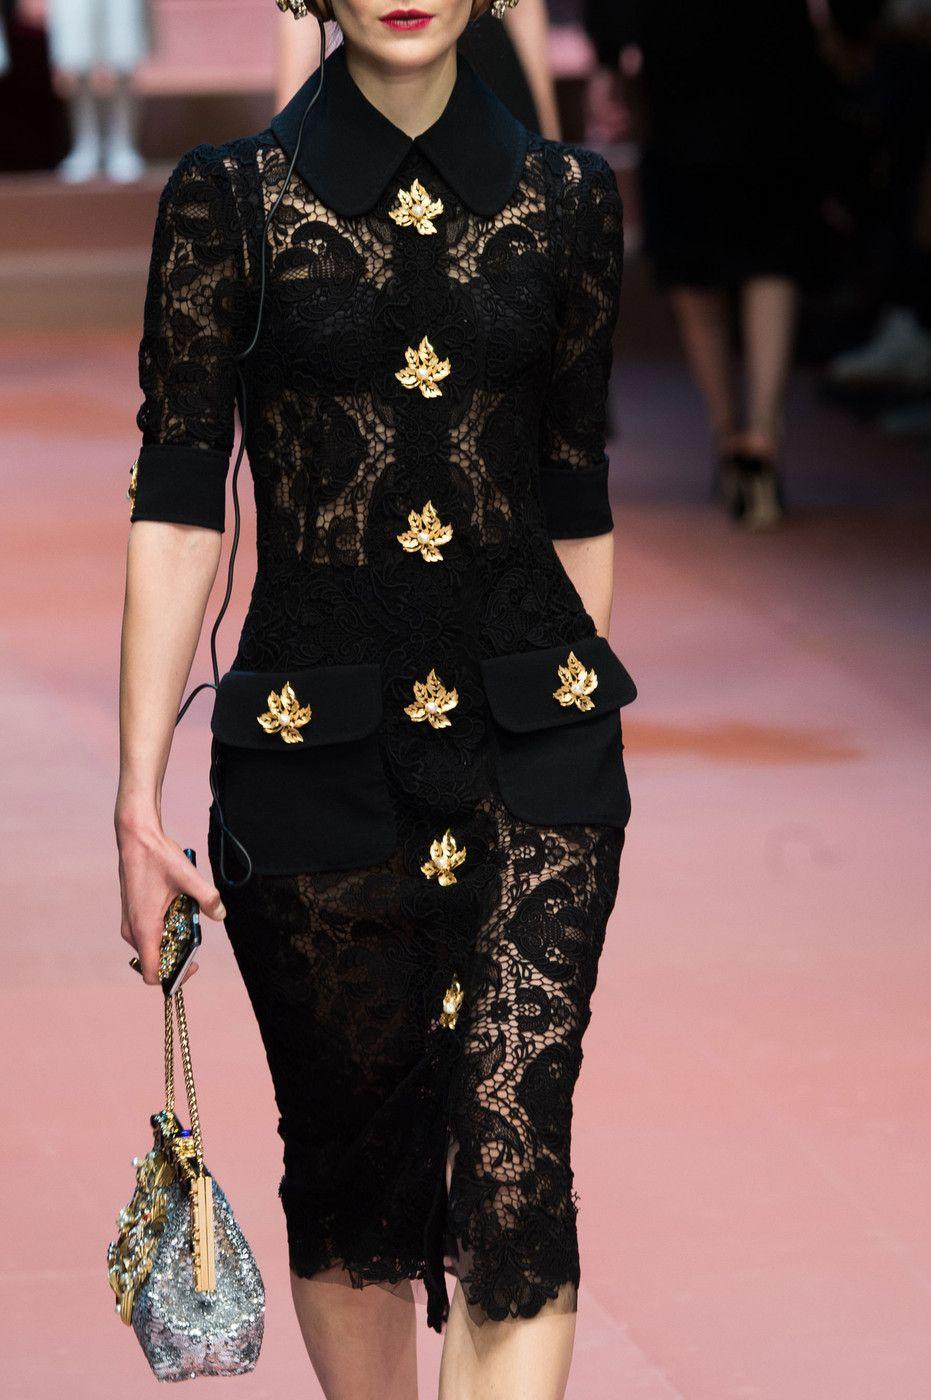 Dolce &Gabbana Fall 2015 Ready-to-Wear